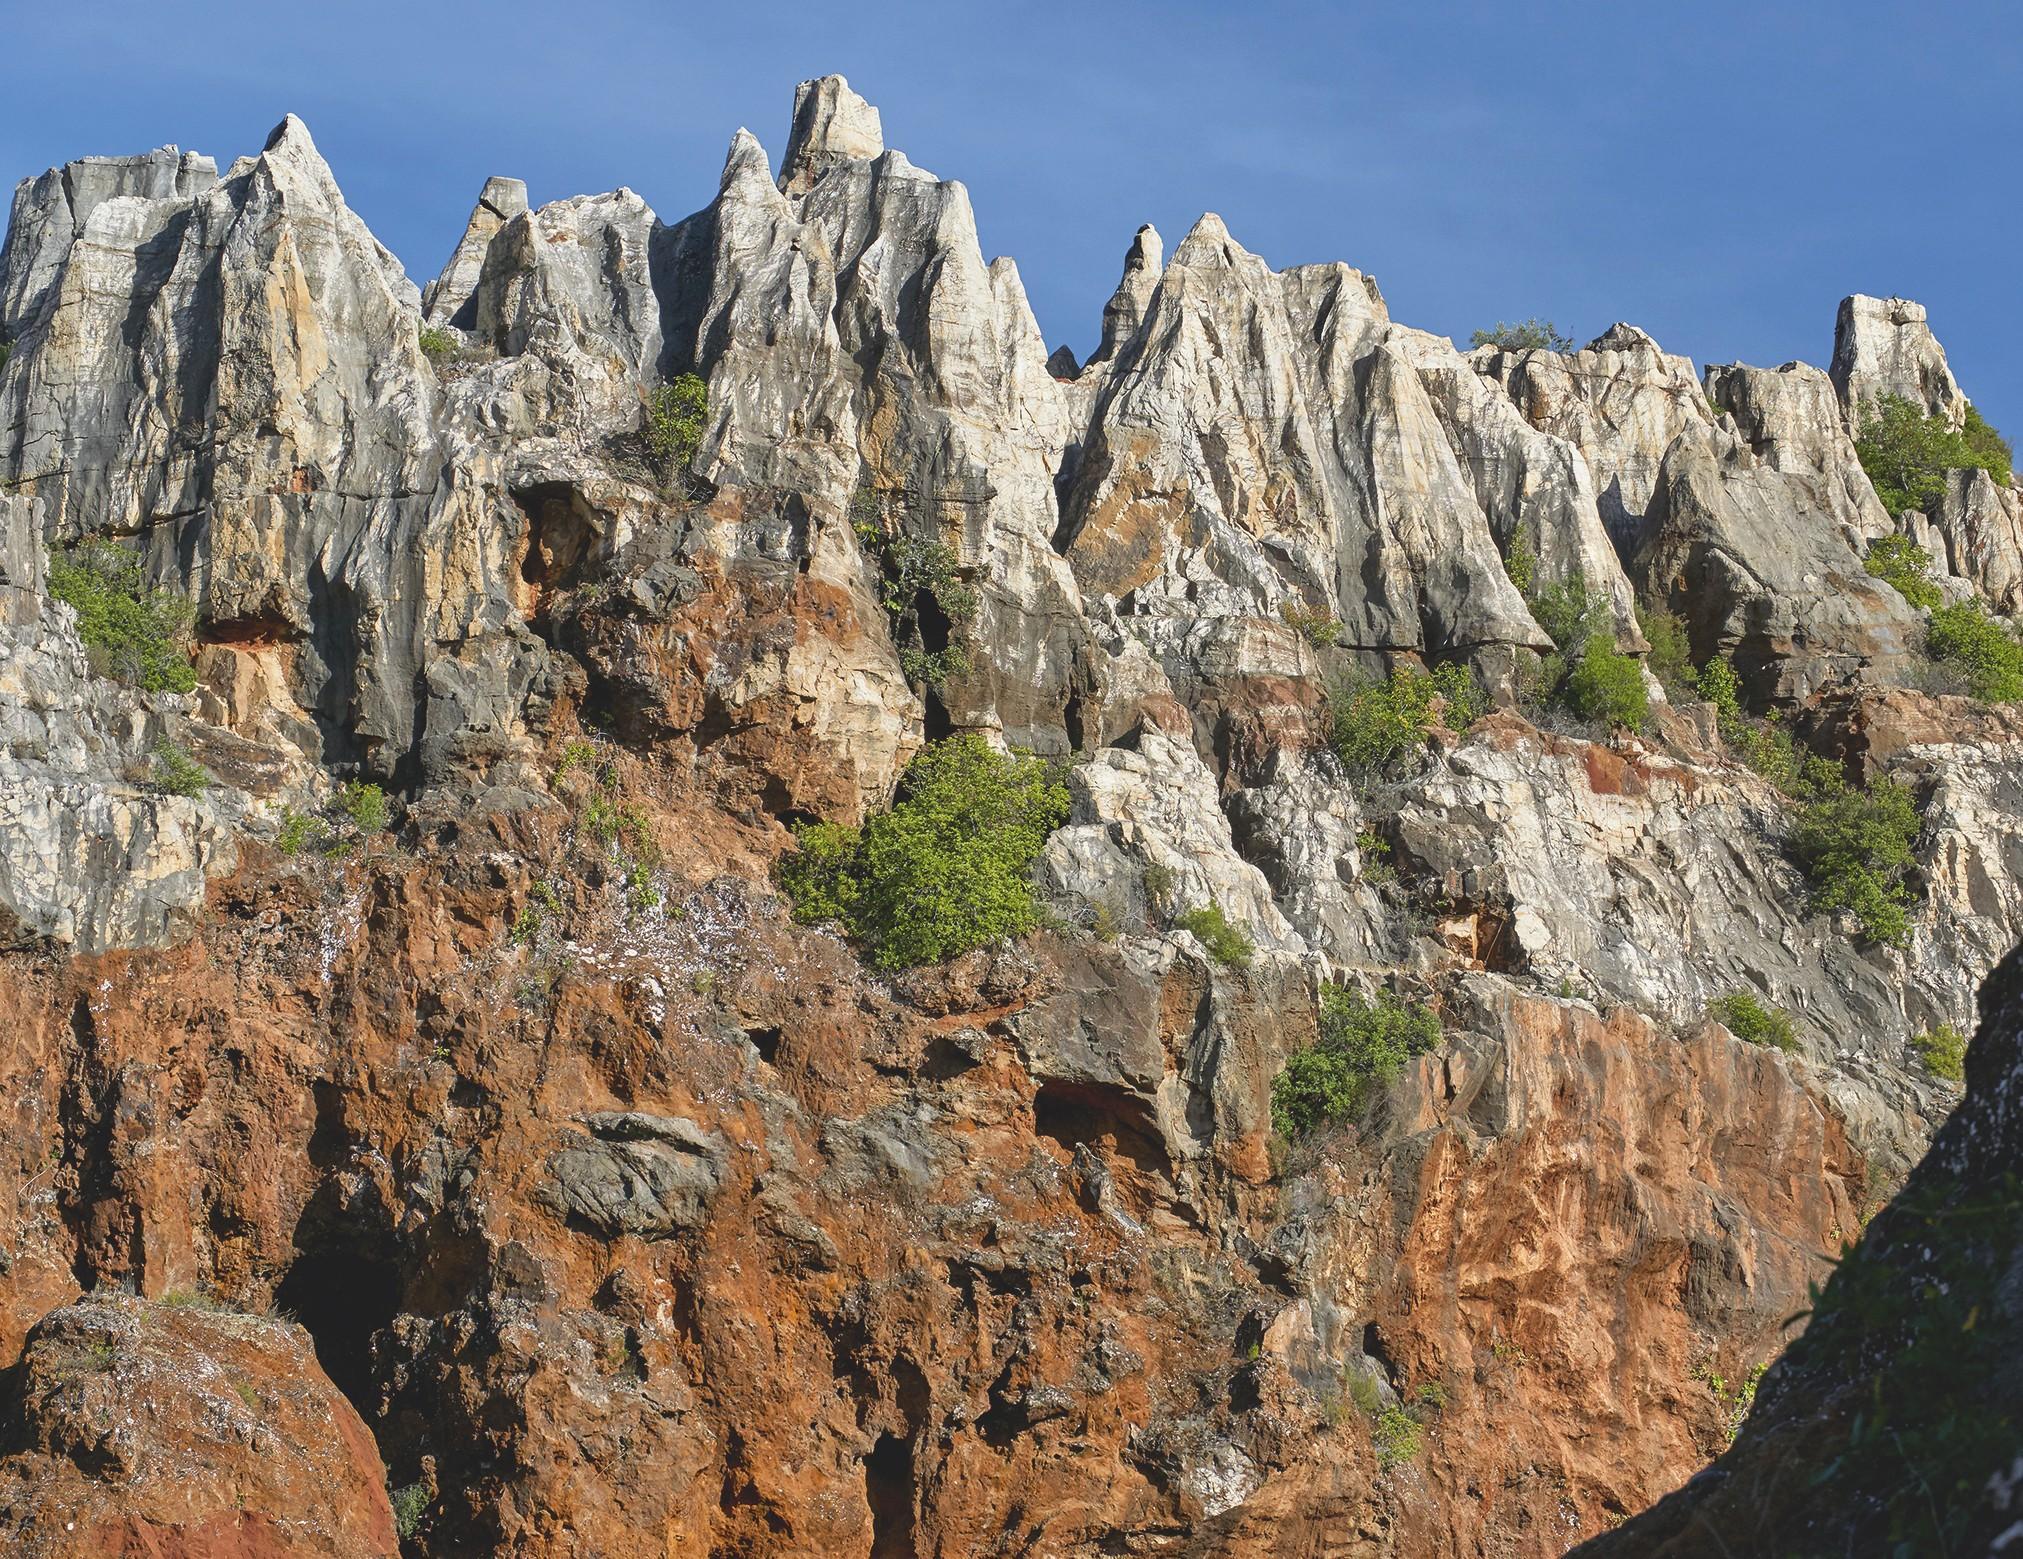 Un karst aux reliefs abrupts dans un massif calcaire.